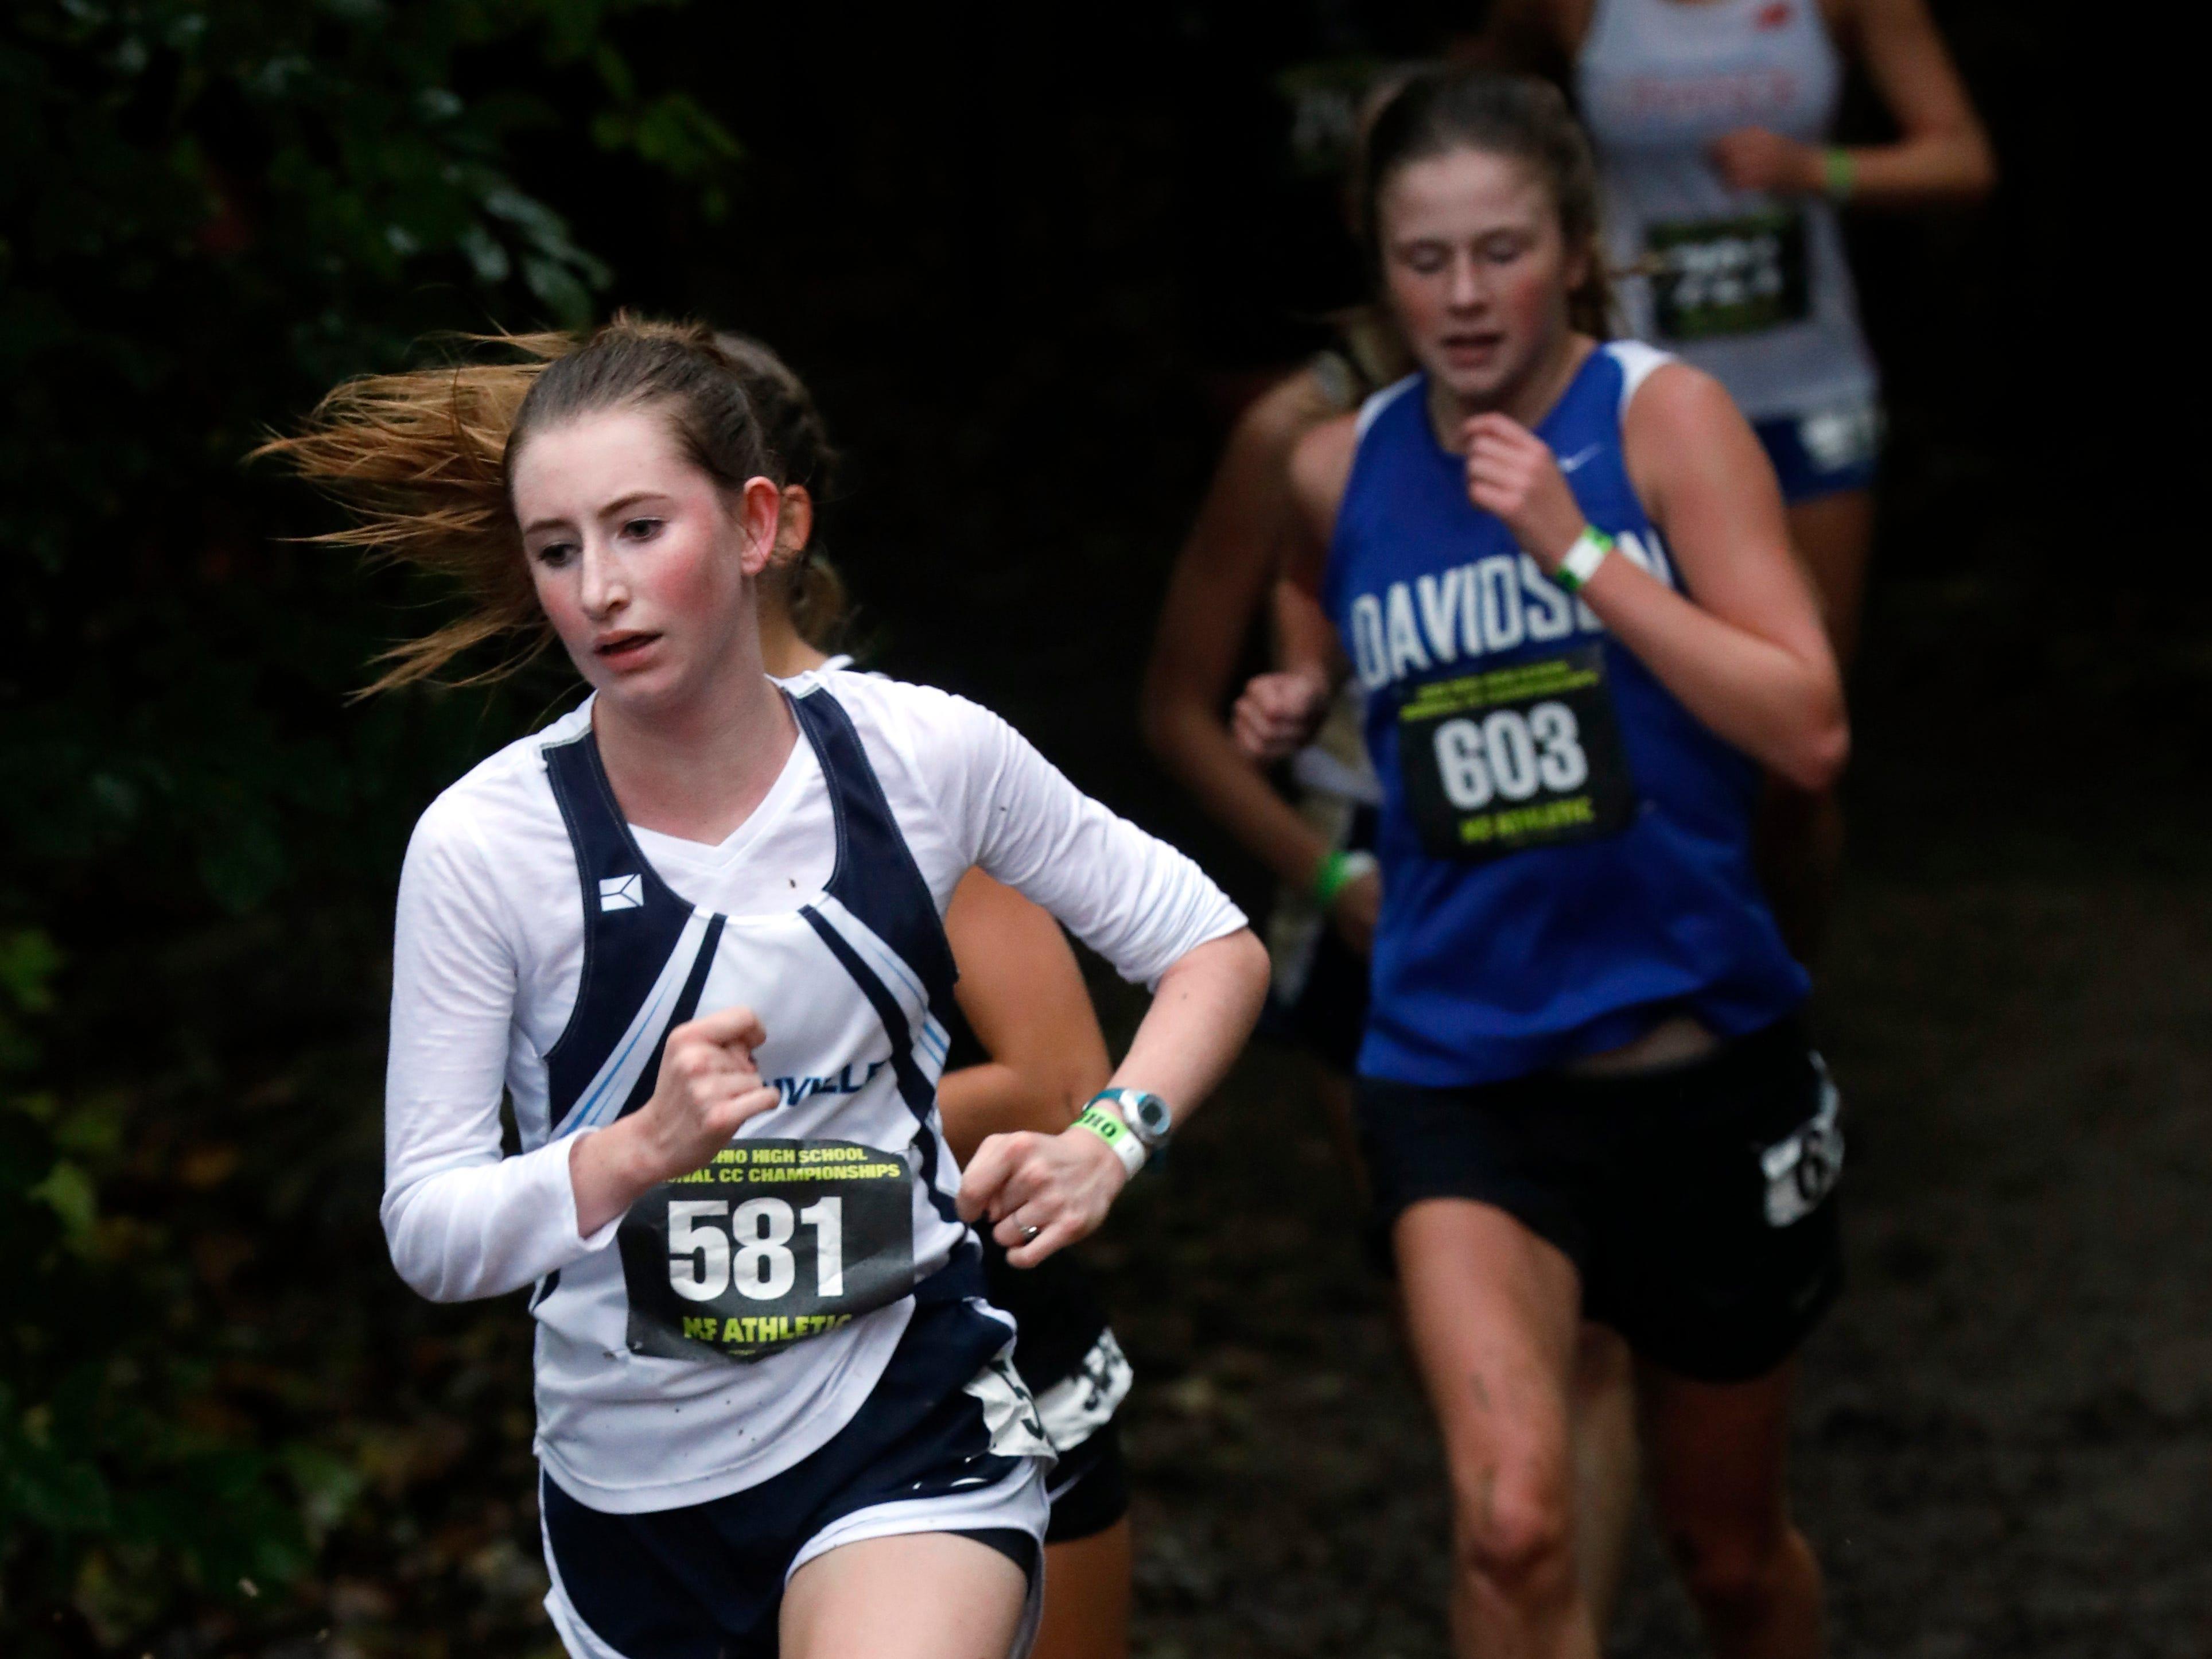 Granville's Emma Calvert runs in the Regional Cross Country meet Saturday, Oct. 27, 2018, at Pickerington North High School in Pickerington.